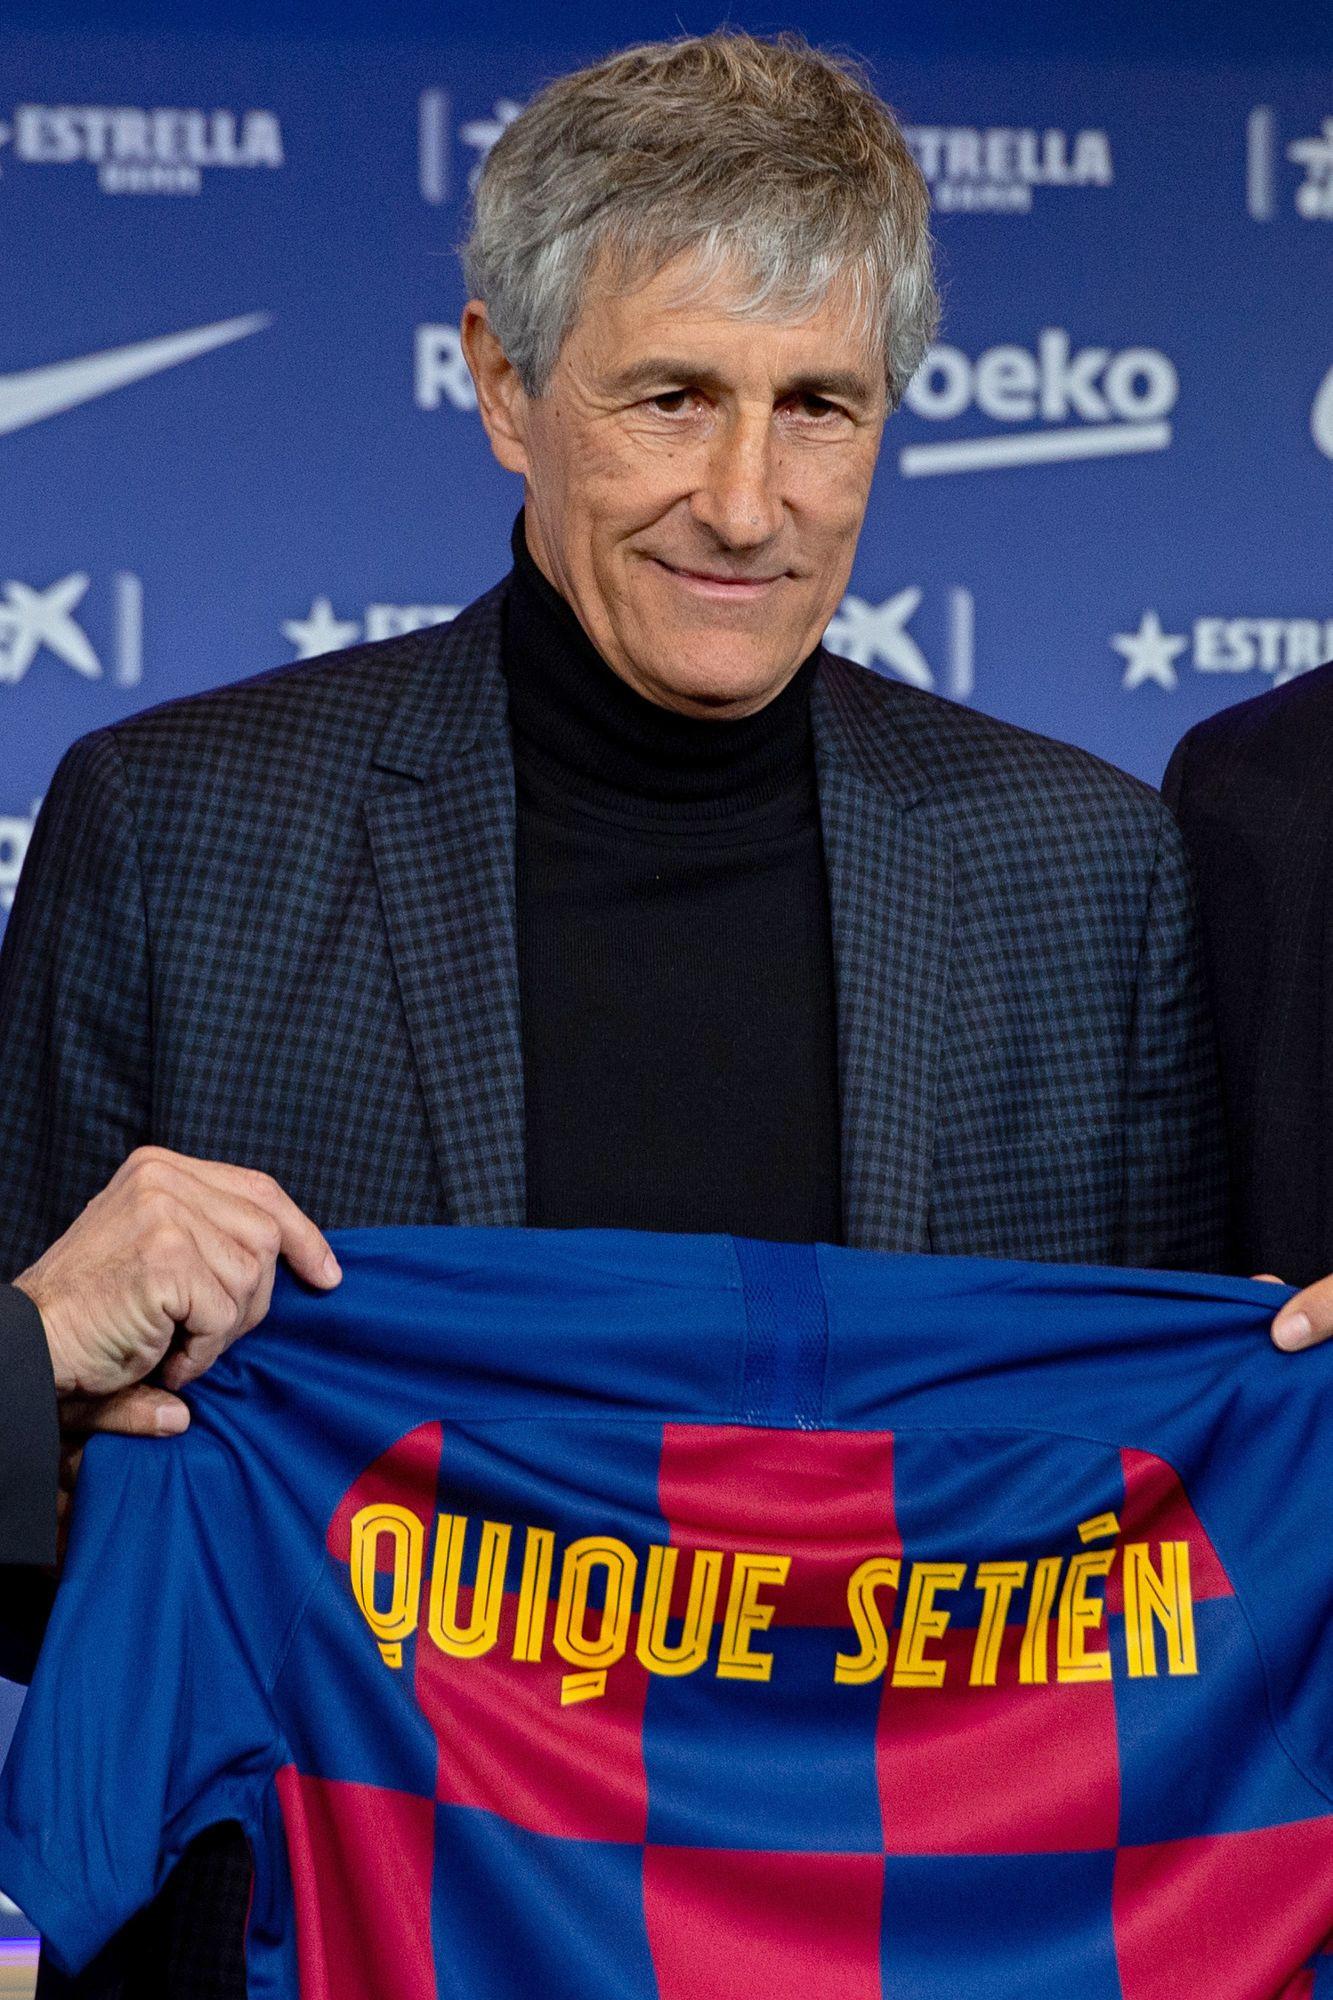 A kötelező kűr, Setién a klub trikójával